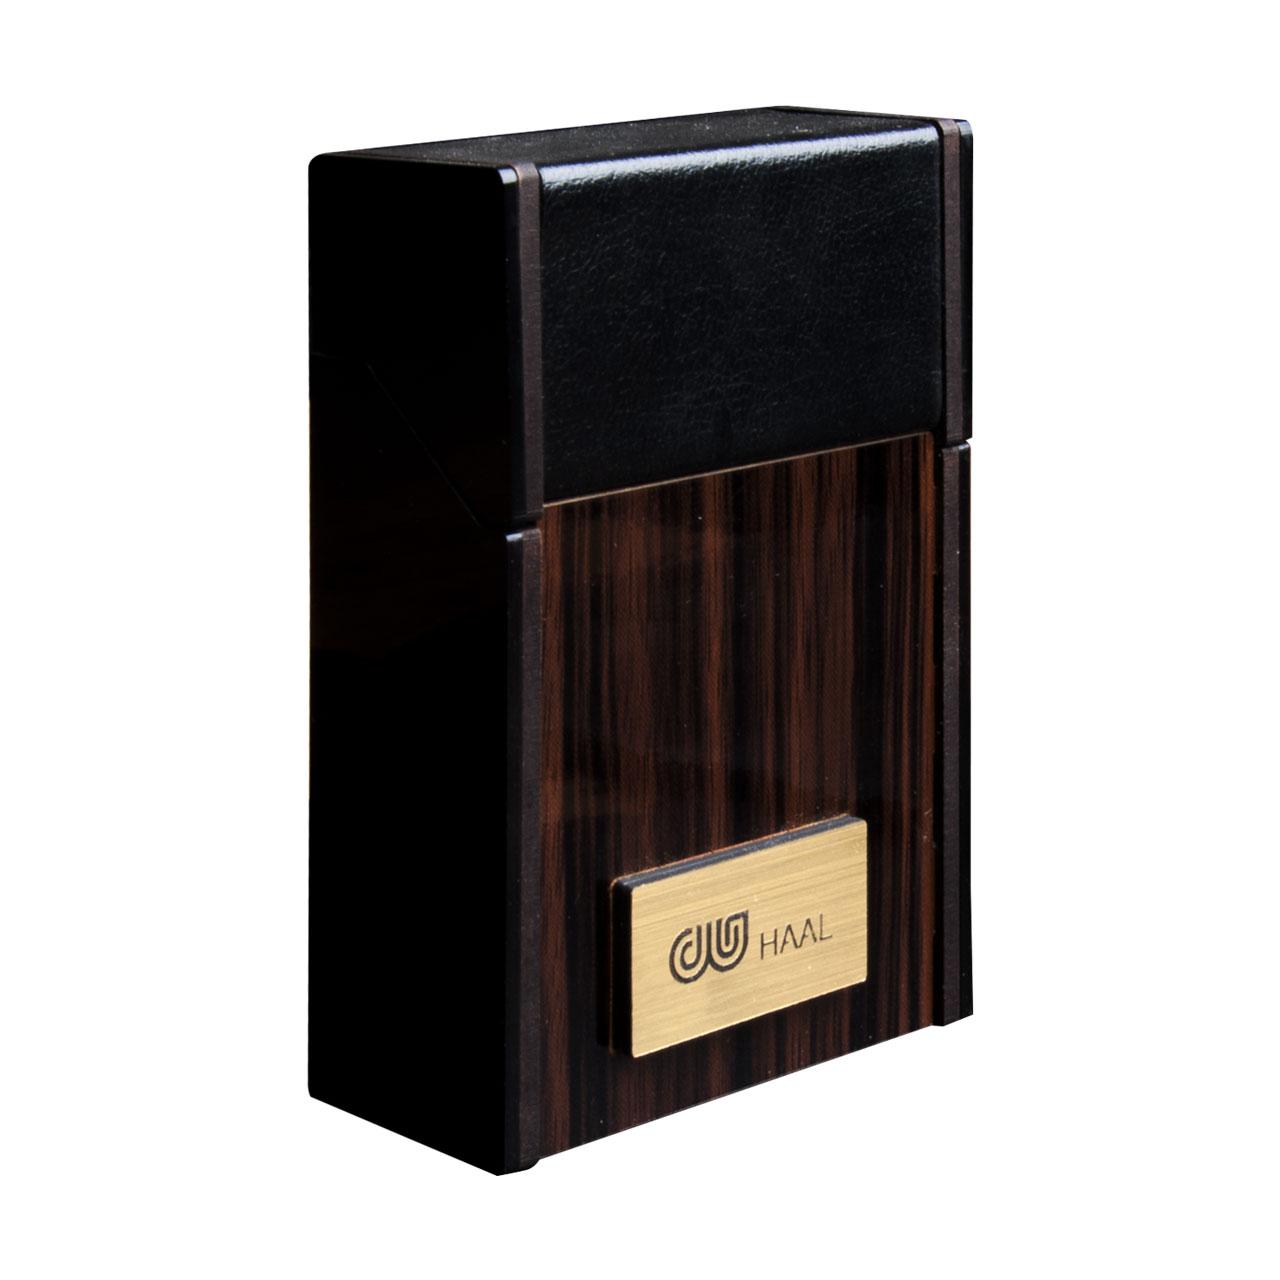 خرید                     جعبه سیگار حال مدل B 12